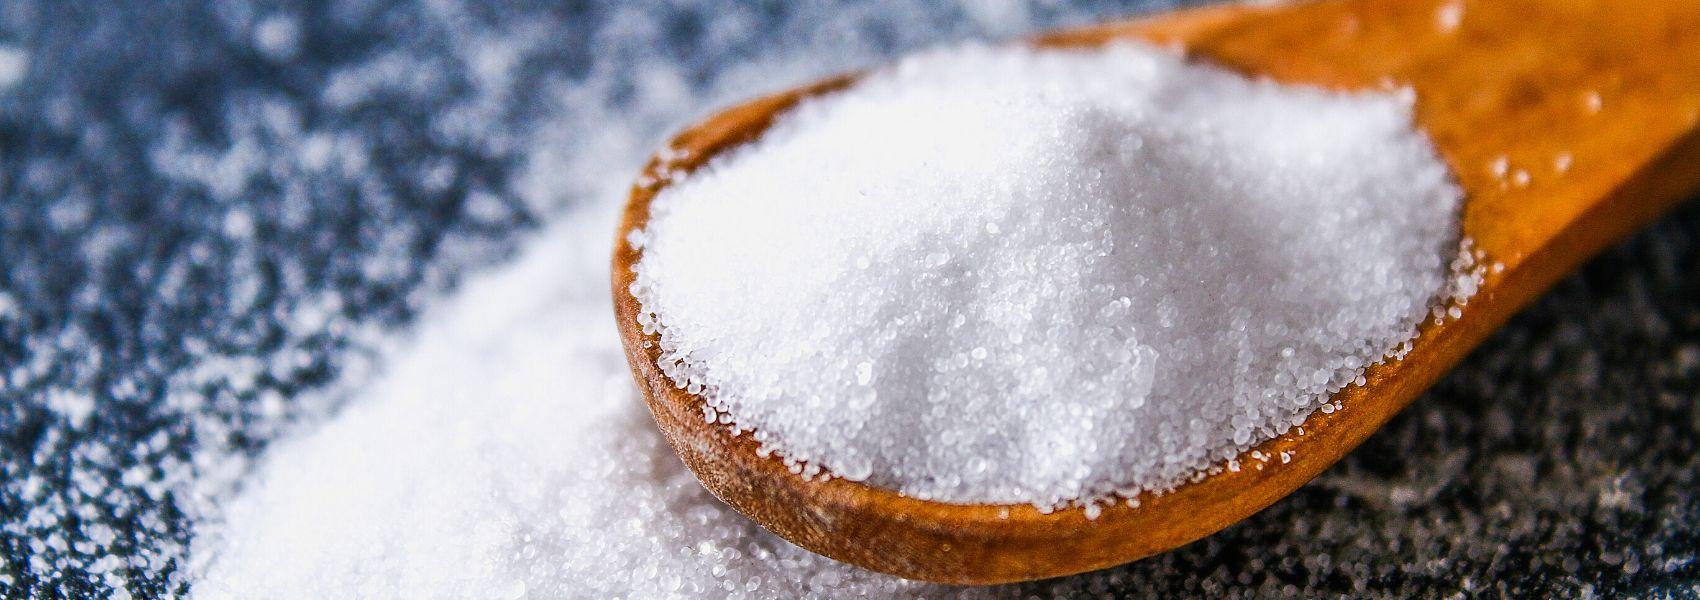 Sal em excesso enfraquece o sistema imunitário e dificulta luta contra bactérias